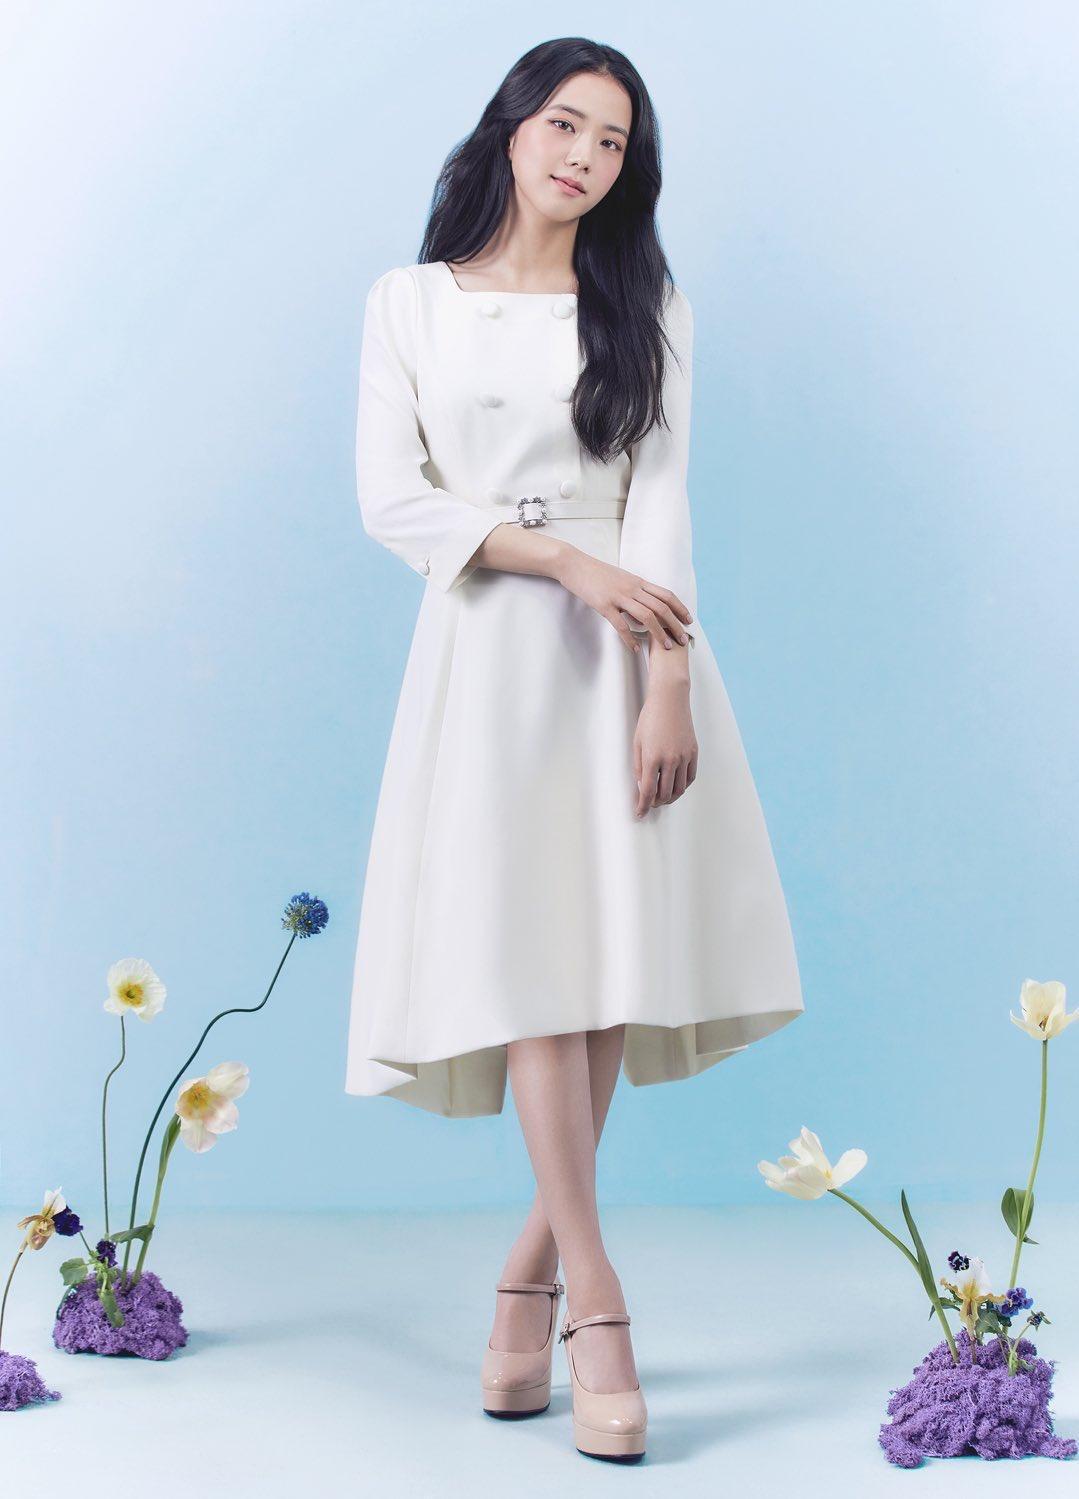 """""""Nữ thần mùa Xuân"""" gọi tên Jisoo: Hay bị chê nhạt nhất nhóm nhưng giờ làm mẫu thời trang sang như tiểu thư tài phiệt - Ảnh 7."""